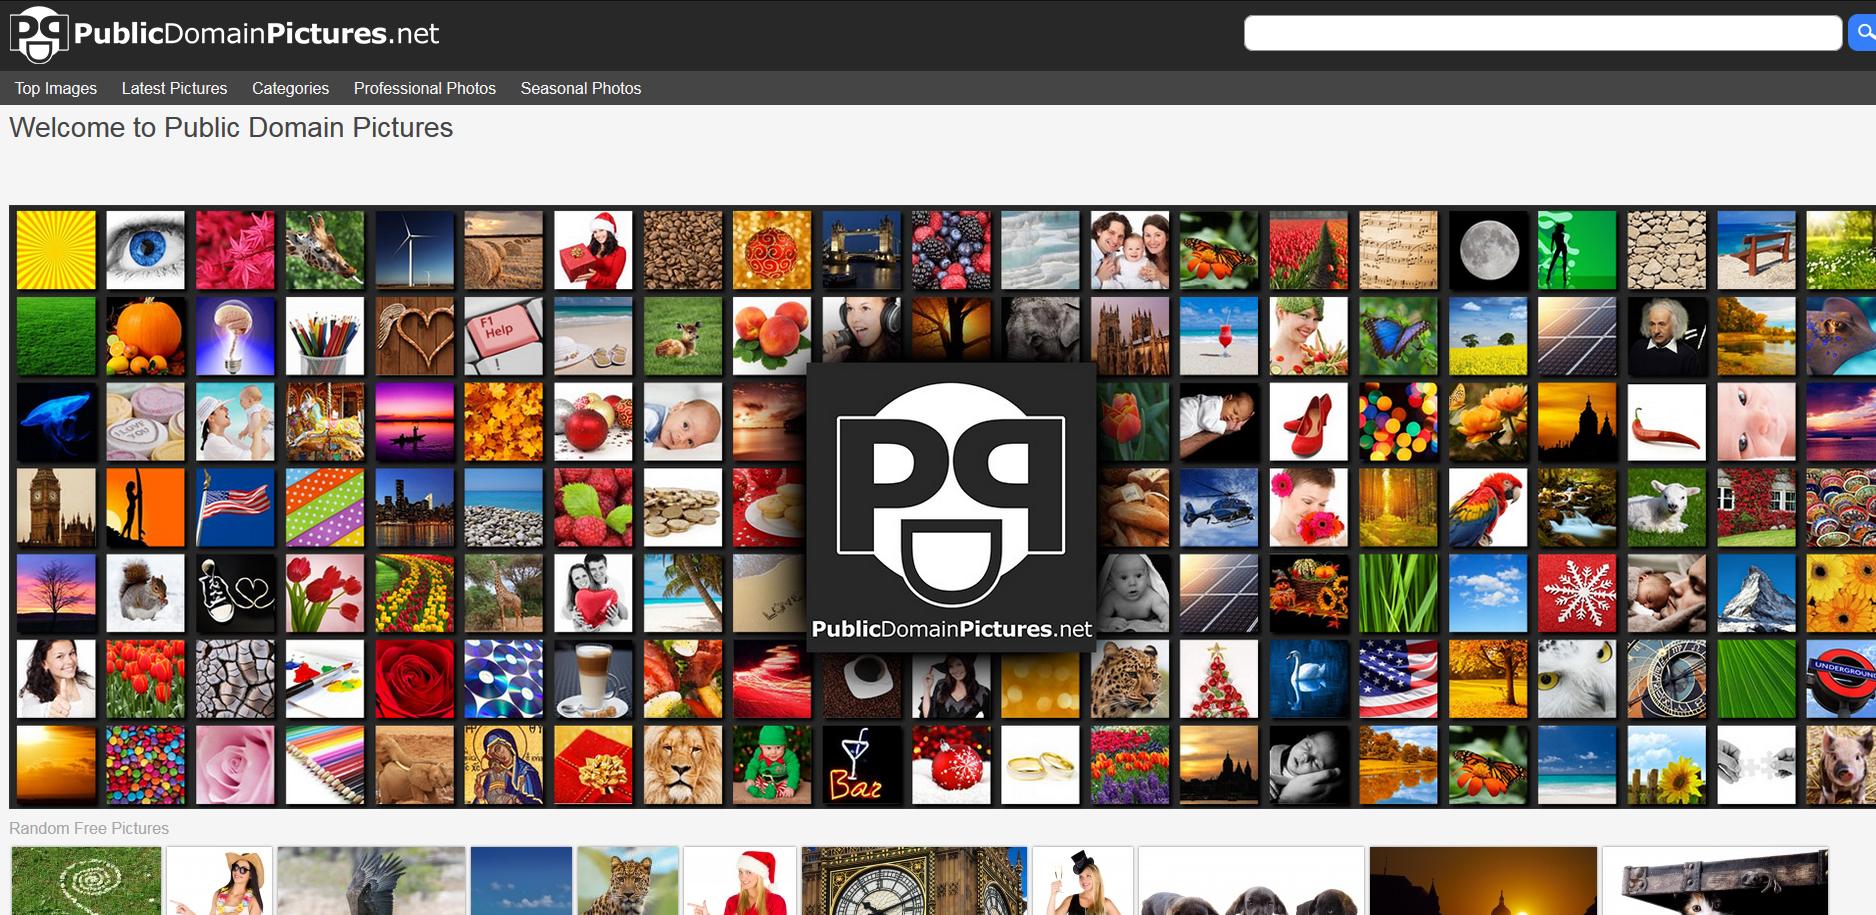 publicdomainpictures, jogtiszta fotók, ingyenes fotók, jogtiszta képek, ingyenes képek